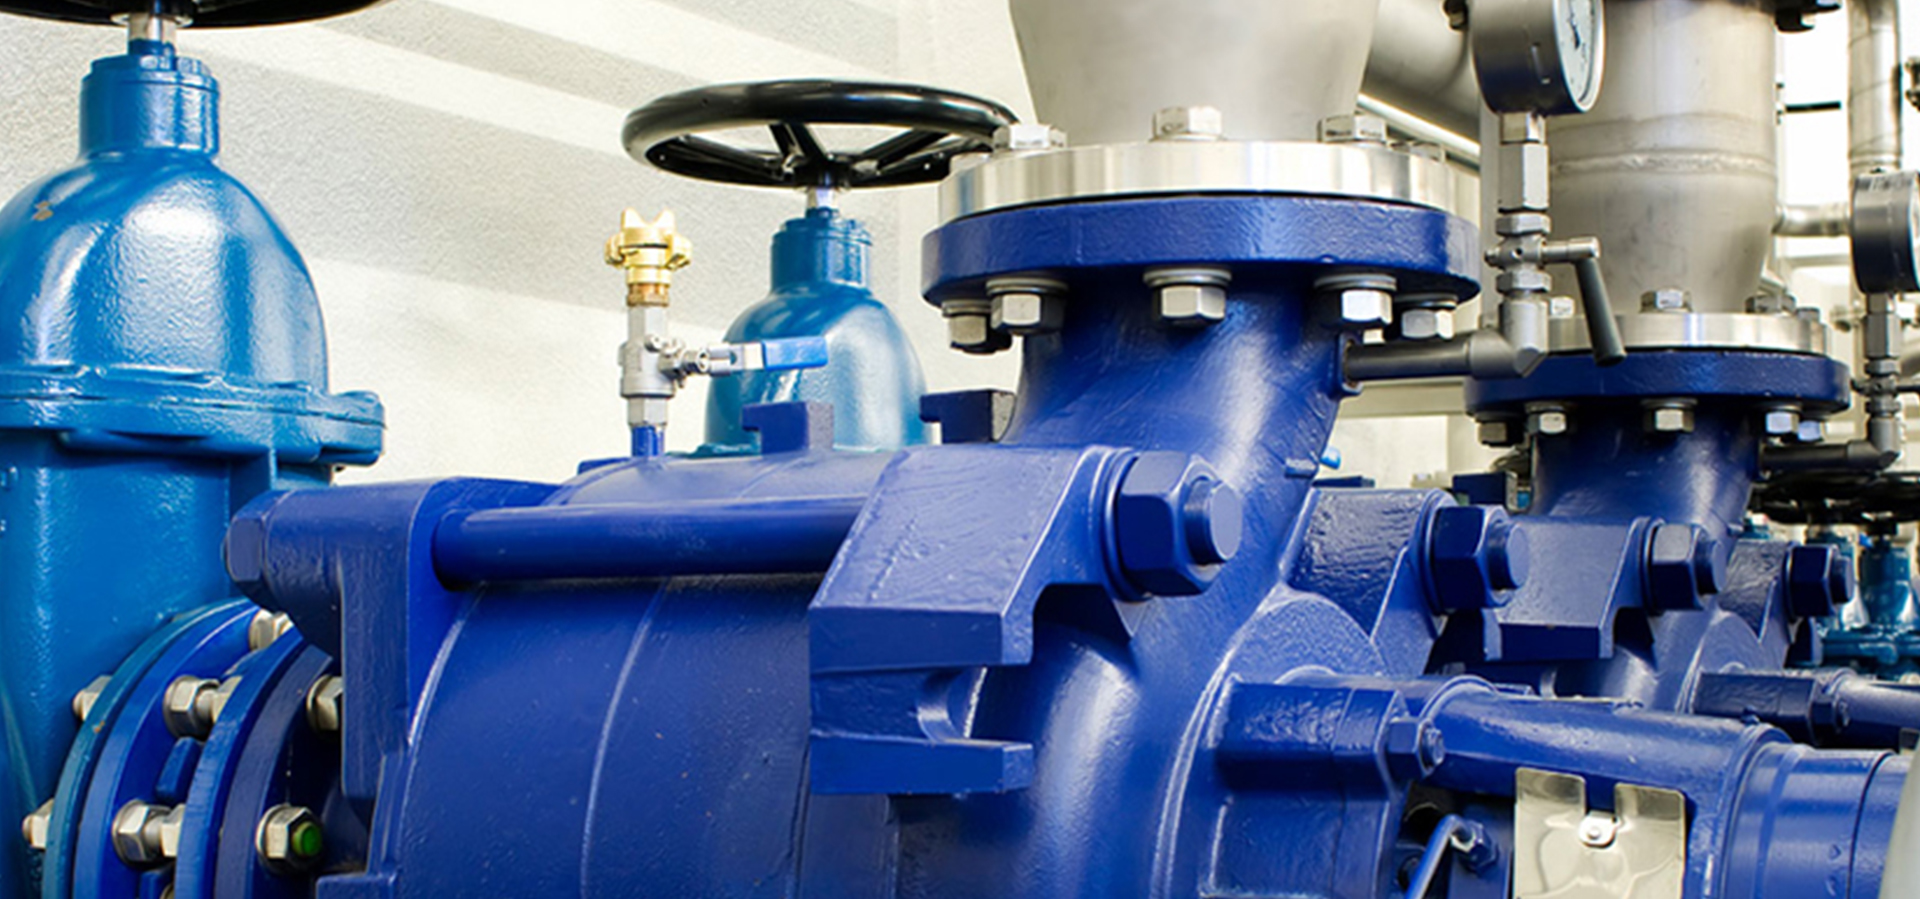 трубопроводная арматура и детали трубопровода